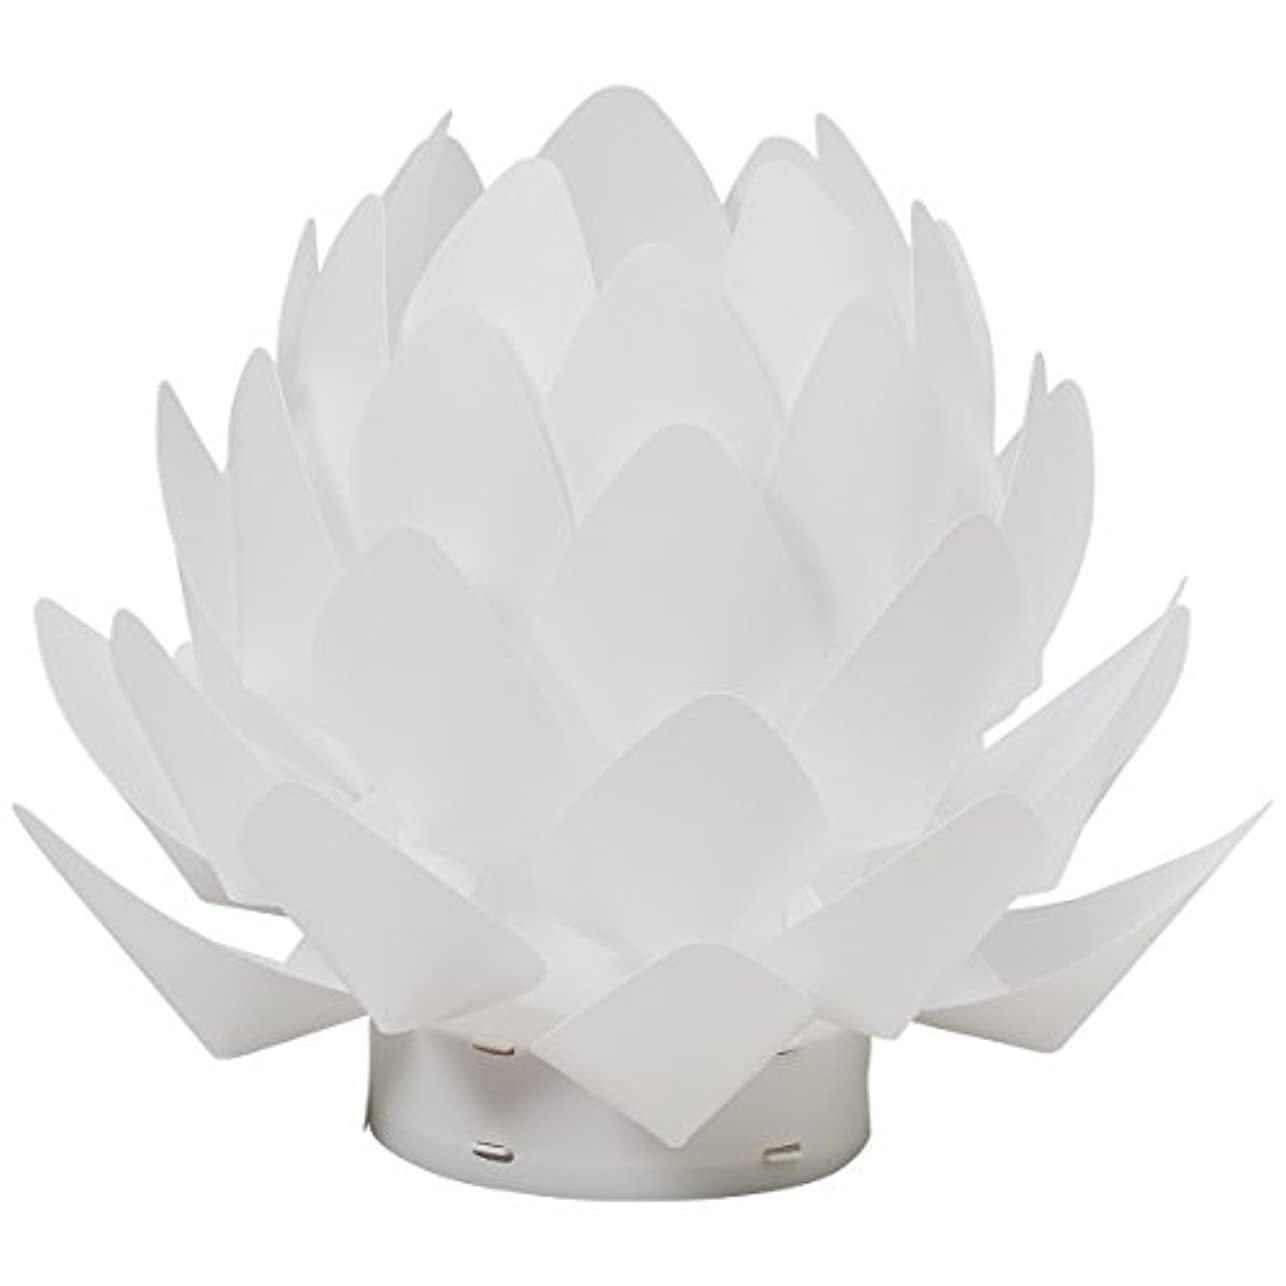 評価十分怖がって死ぬカメヤマ 盆提灯 Origami-lite 蓮花 XS (間接照明)